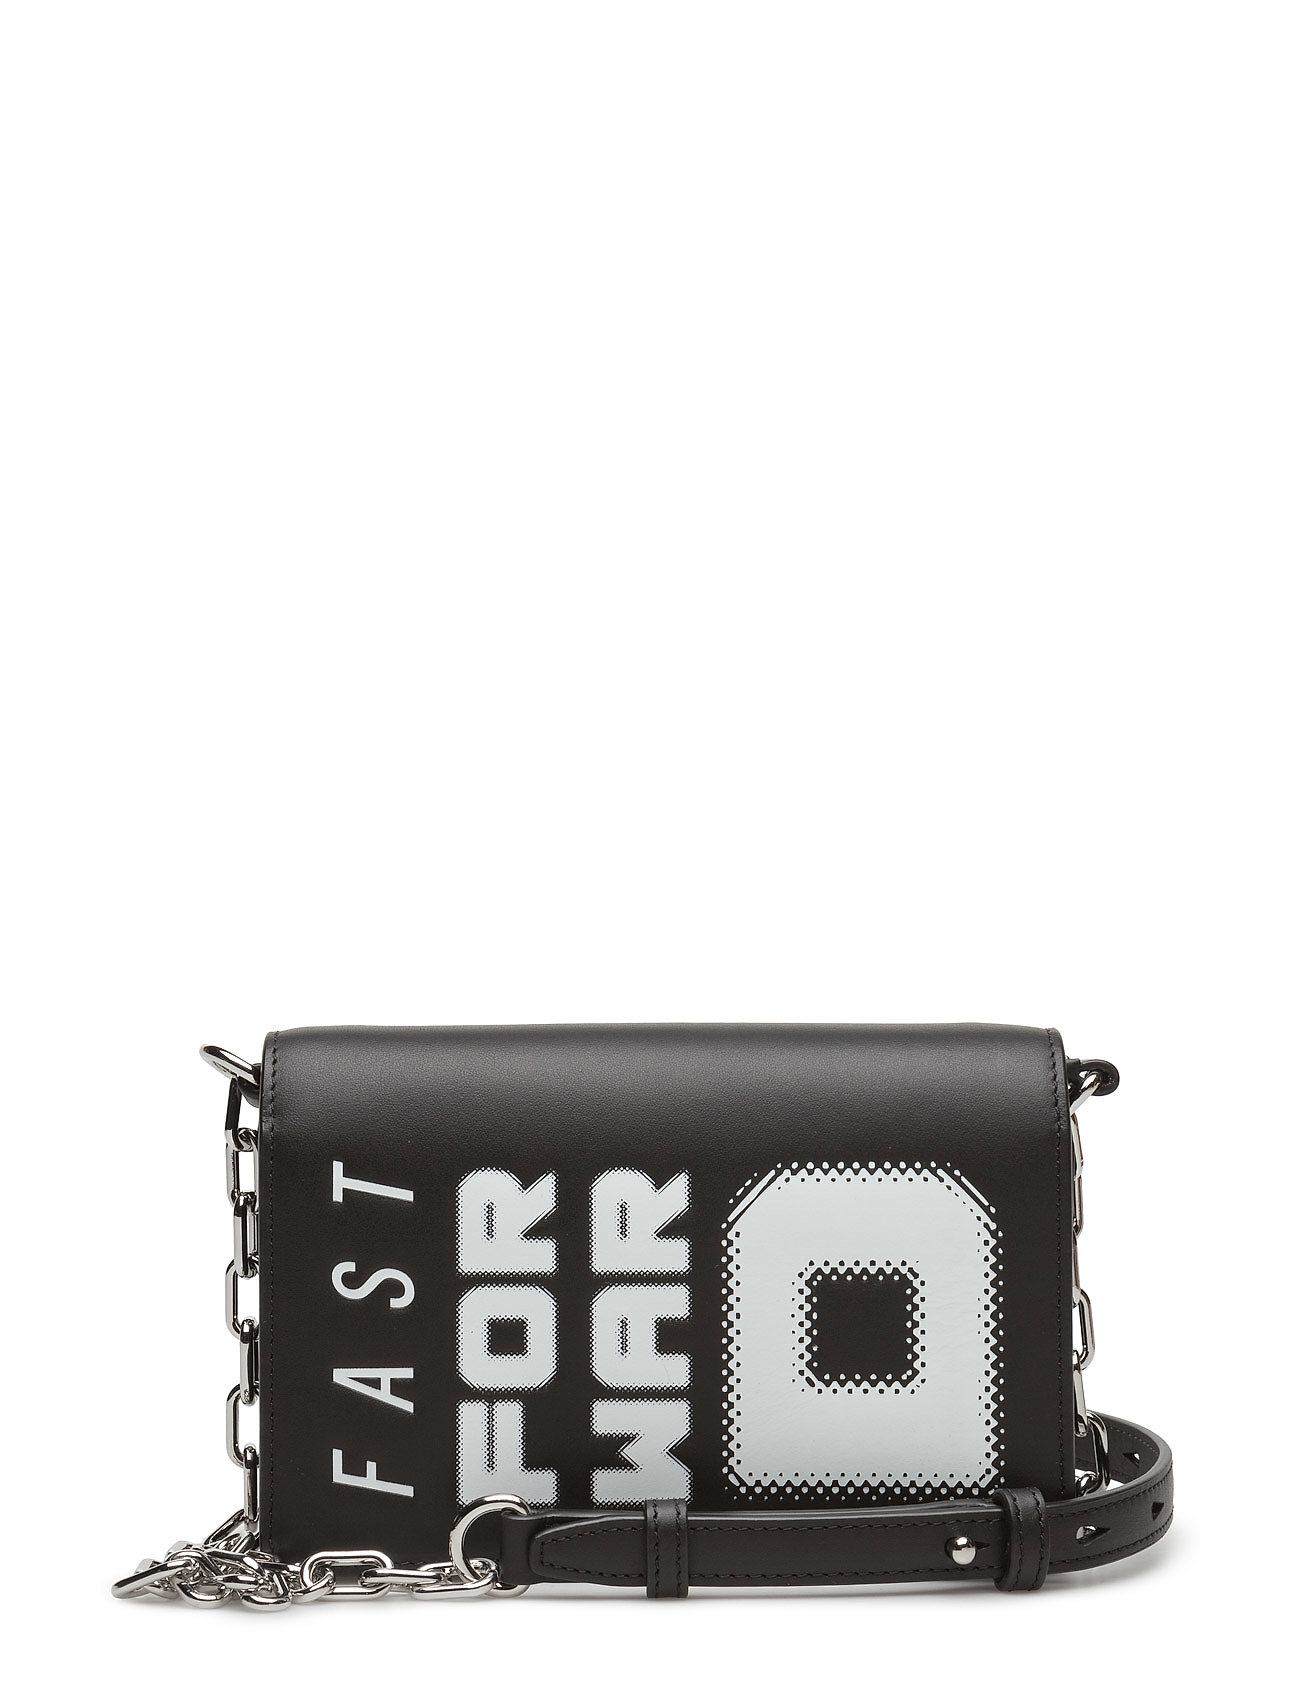 alexander wang – Attica chn biker purse blk w/ffwd smooth calf/ir fra boozt.com dk